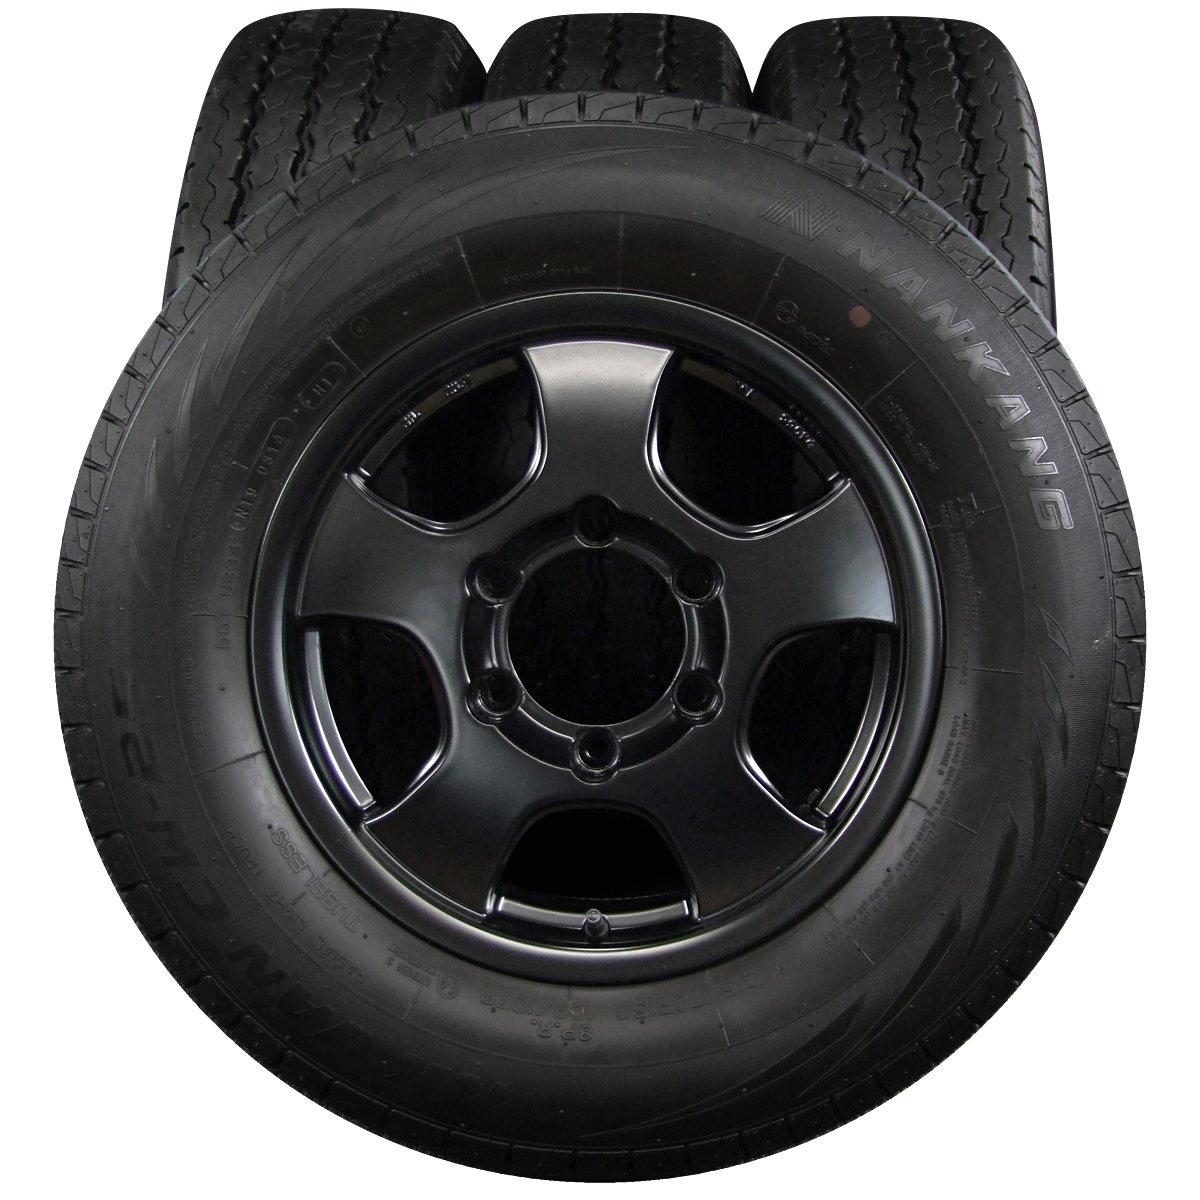 15インチ 4本セット タイヤ&ホイール NANKANG (ナンカン) NK VAN CW-25 215/70R15 109/107R 8PR 東京車輪 STING ALPHA 15×6J(+33)139.7-6H B072XDD54Z